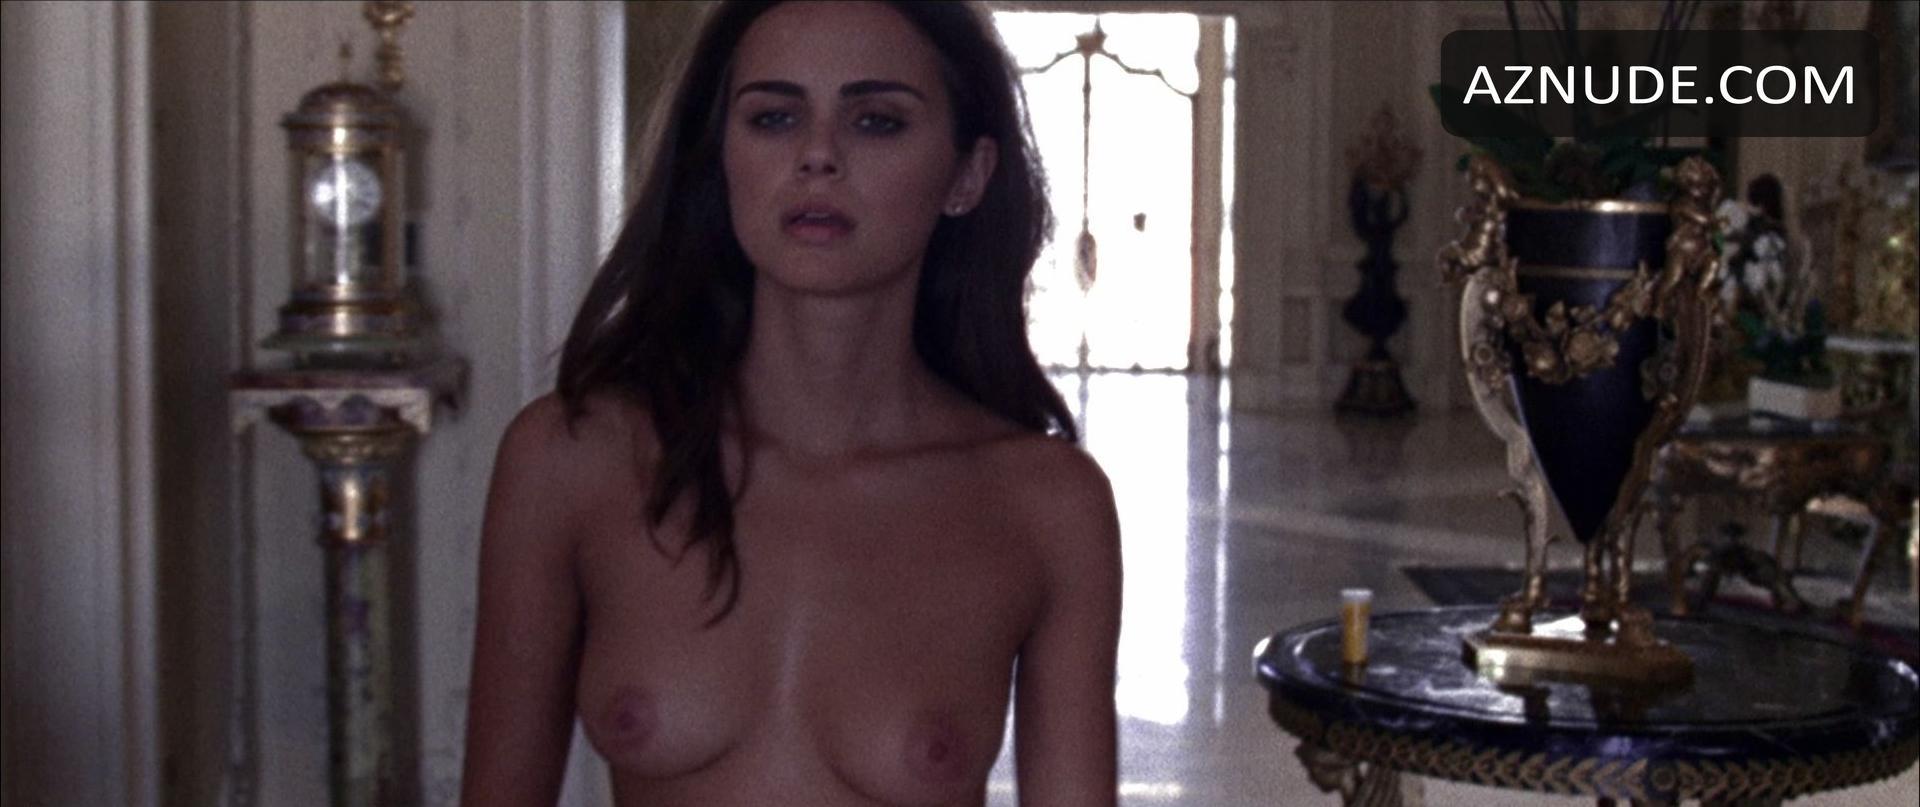 xenia deli nude